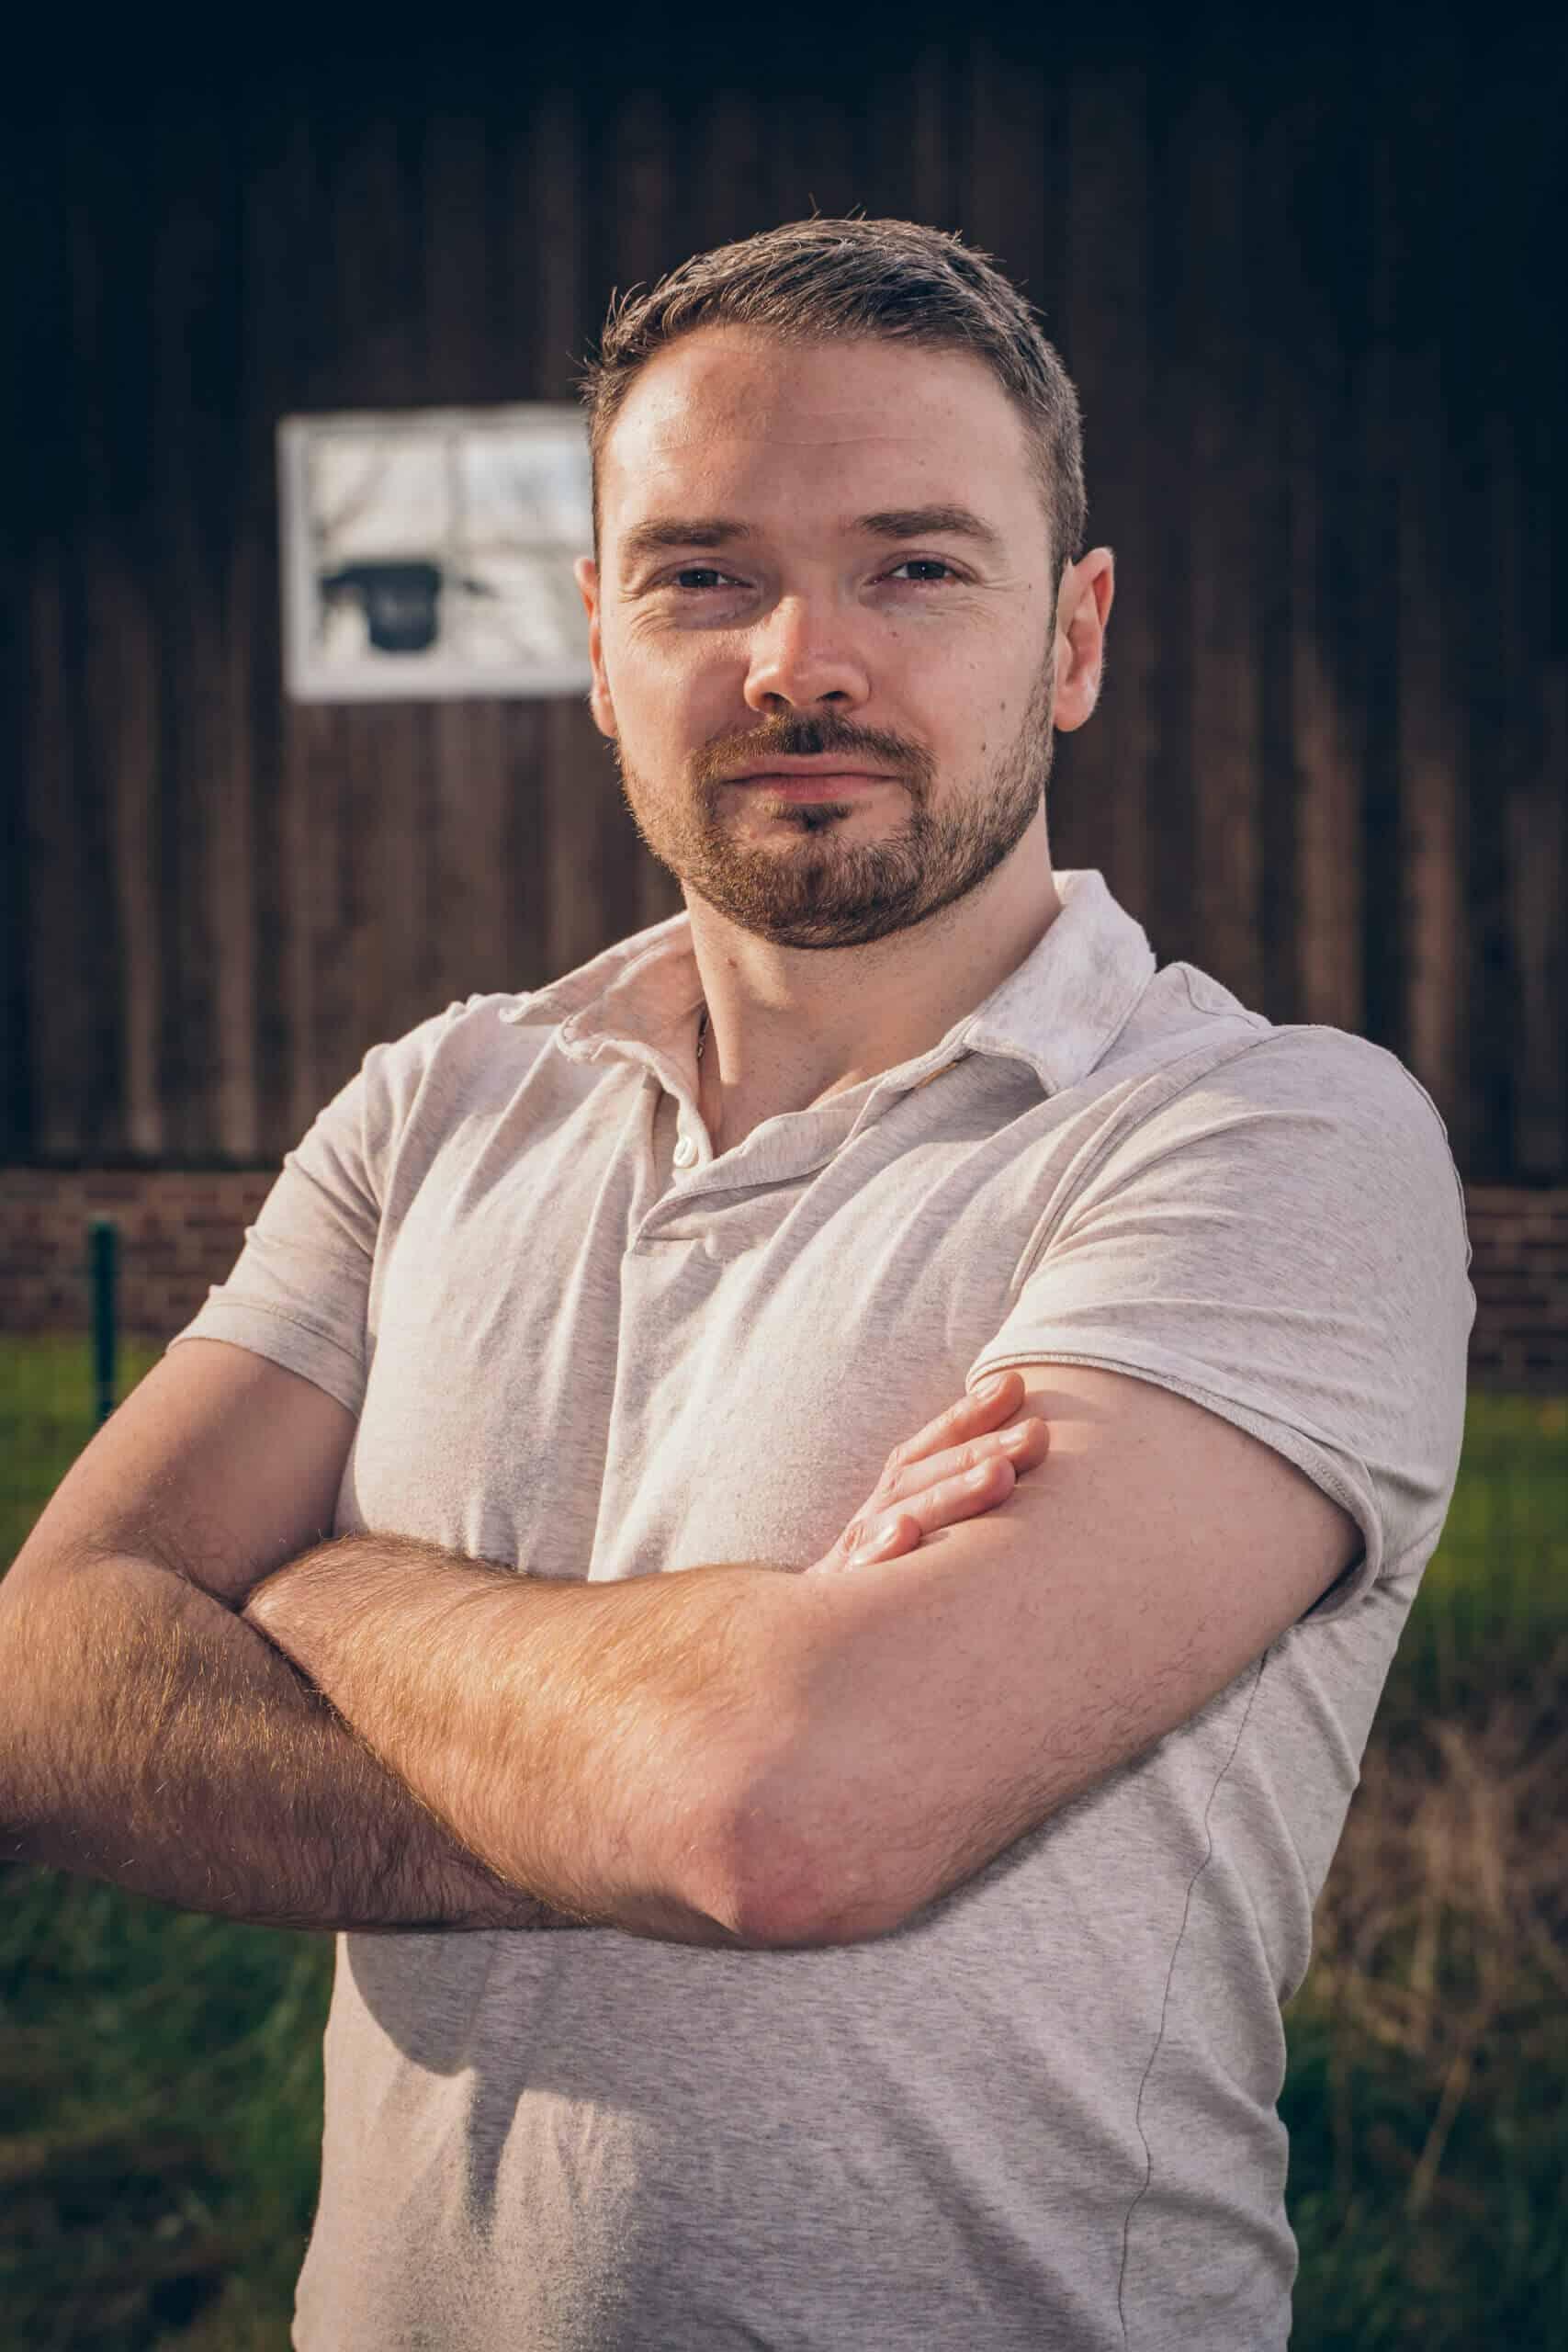 Kevin Biernacik Online-Marketing Manager